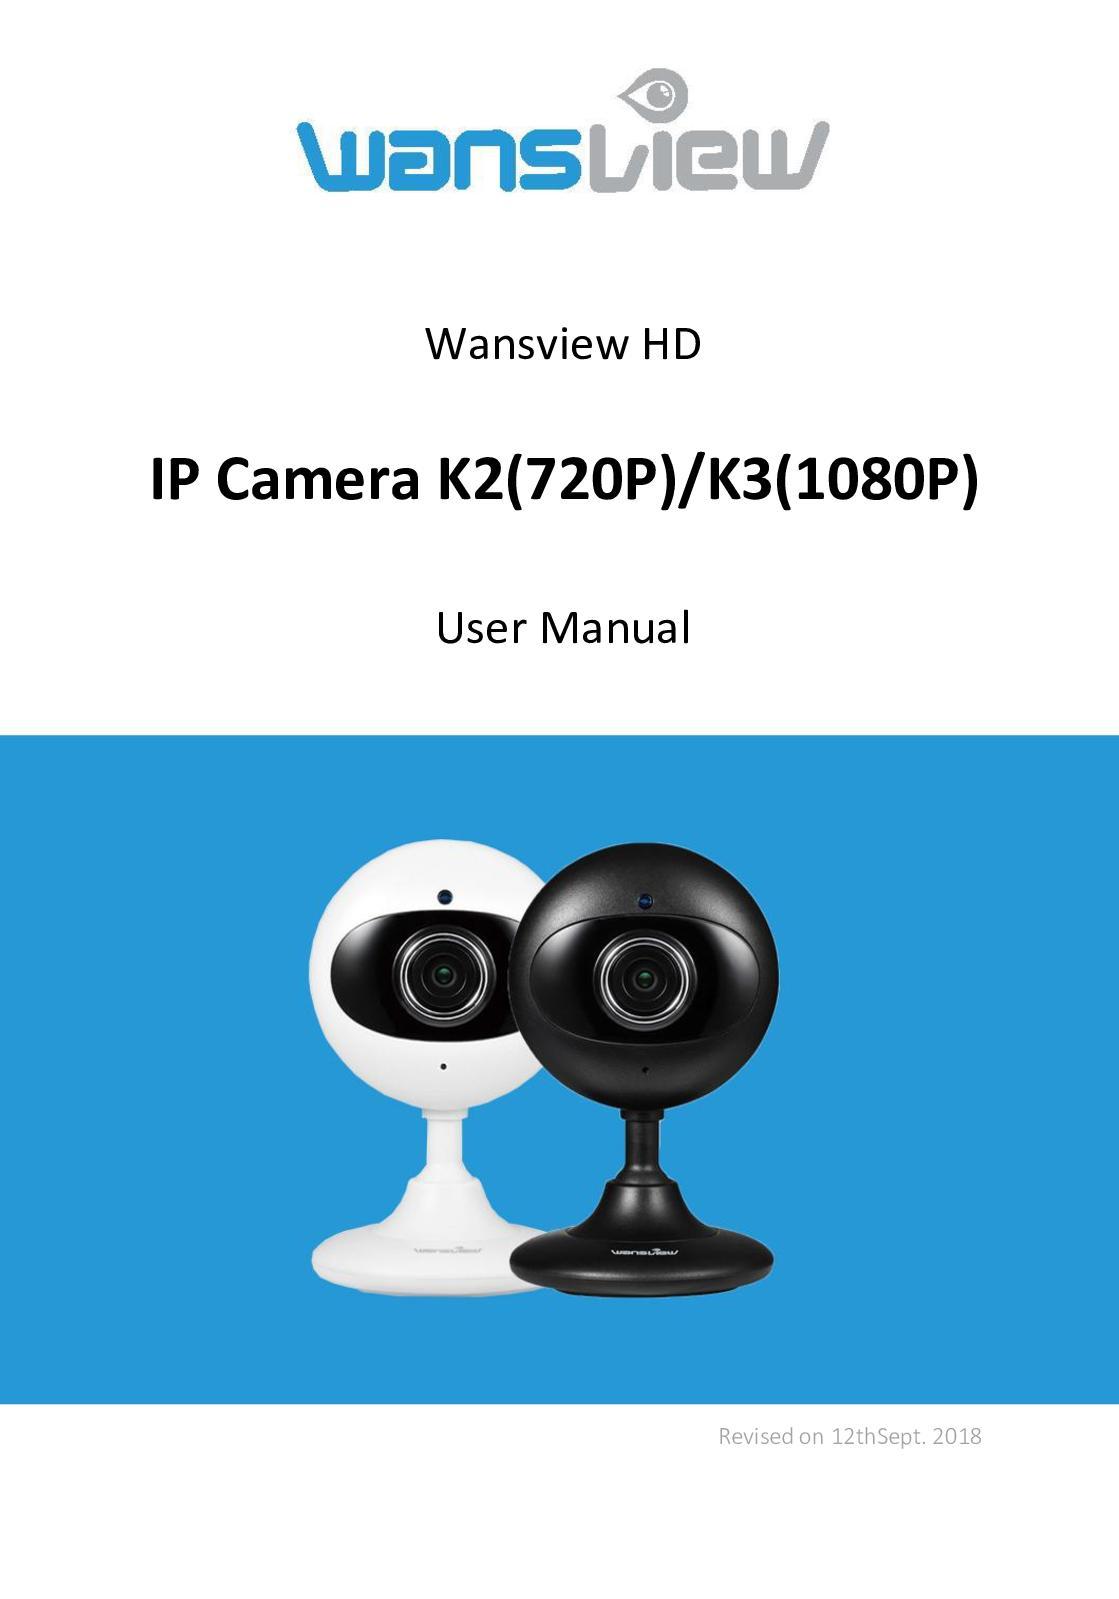 Calaméo - User Manual Of Wansview Indoor Cameras K2 & K3